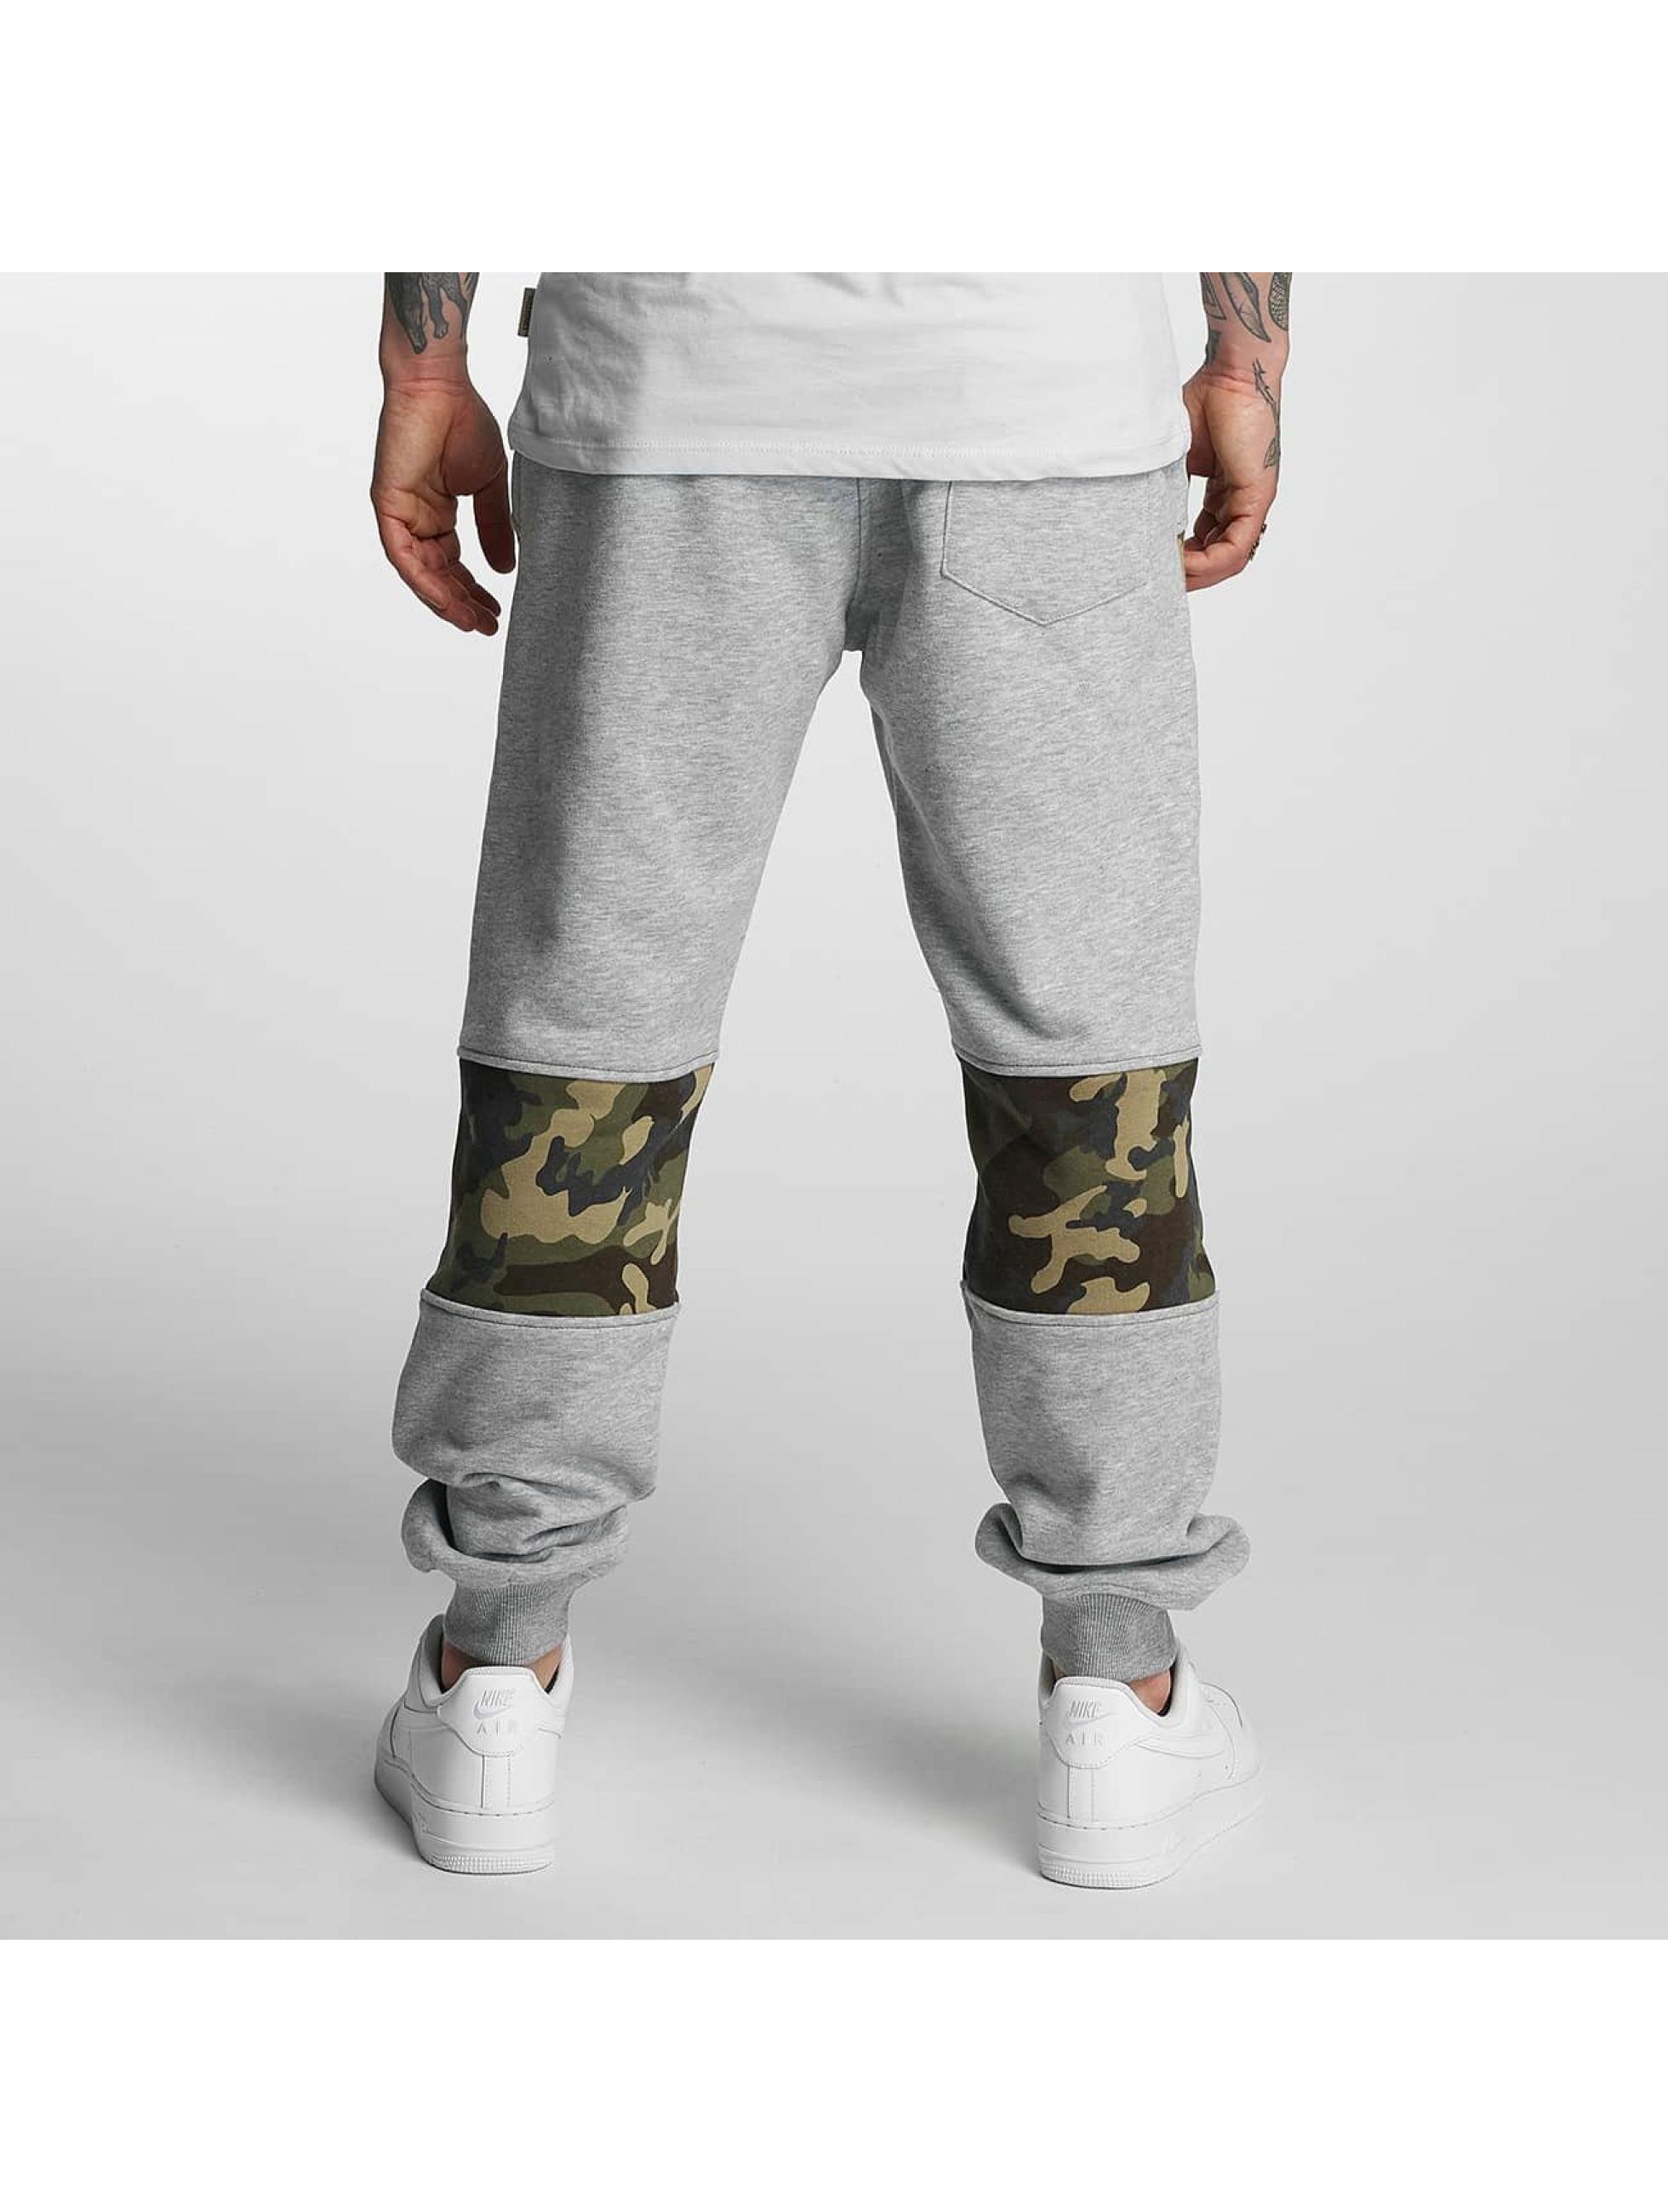 Yakuza joggingbroek Warrior camouflage